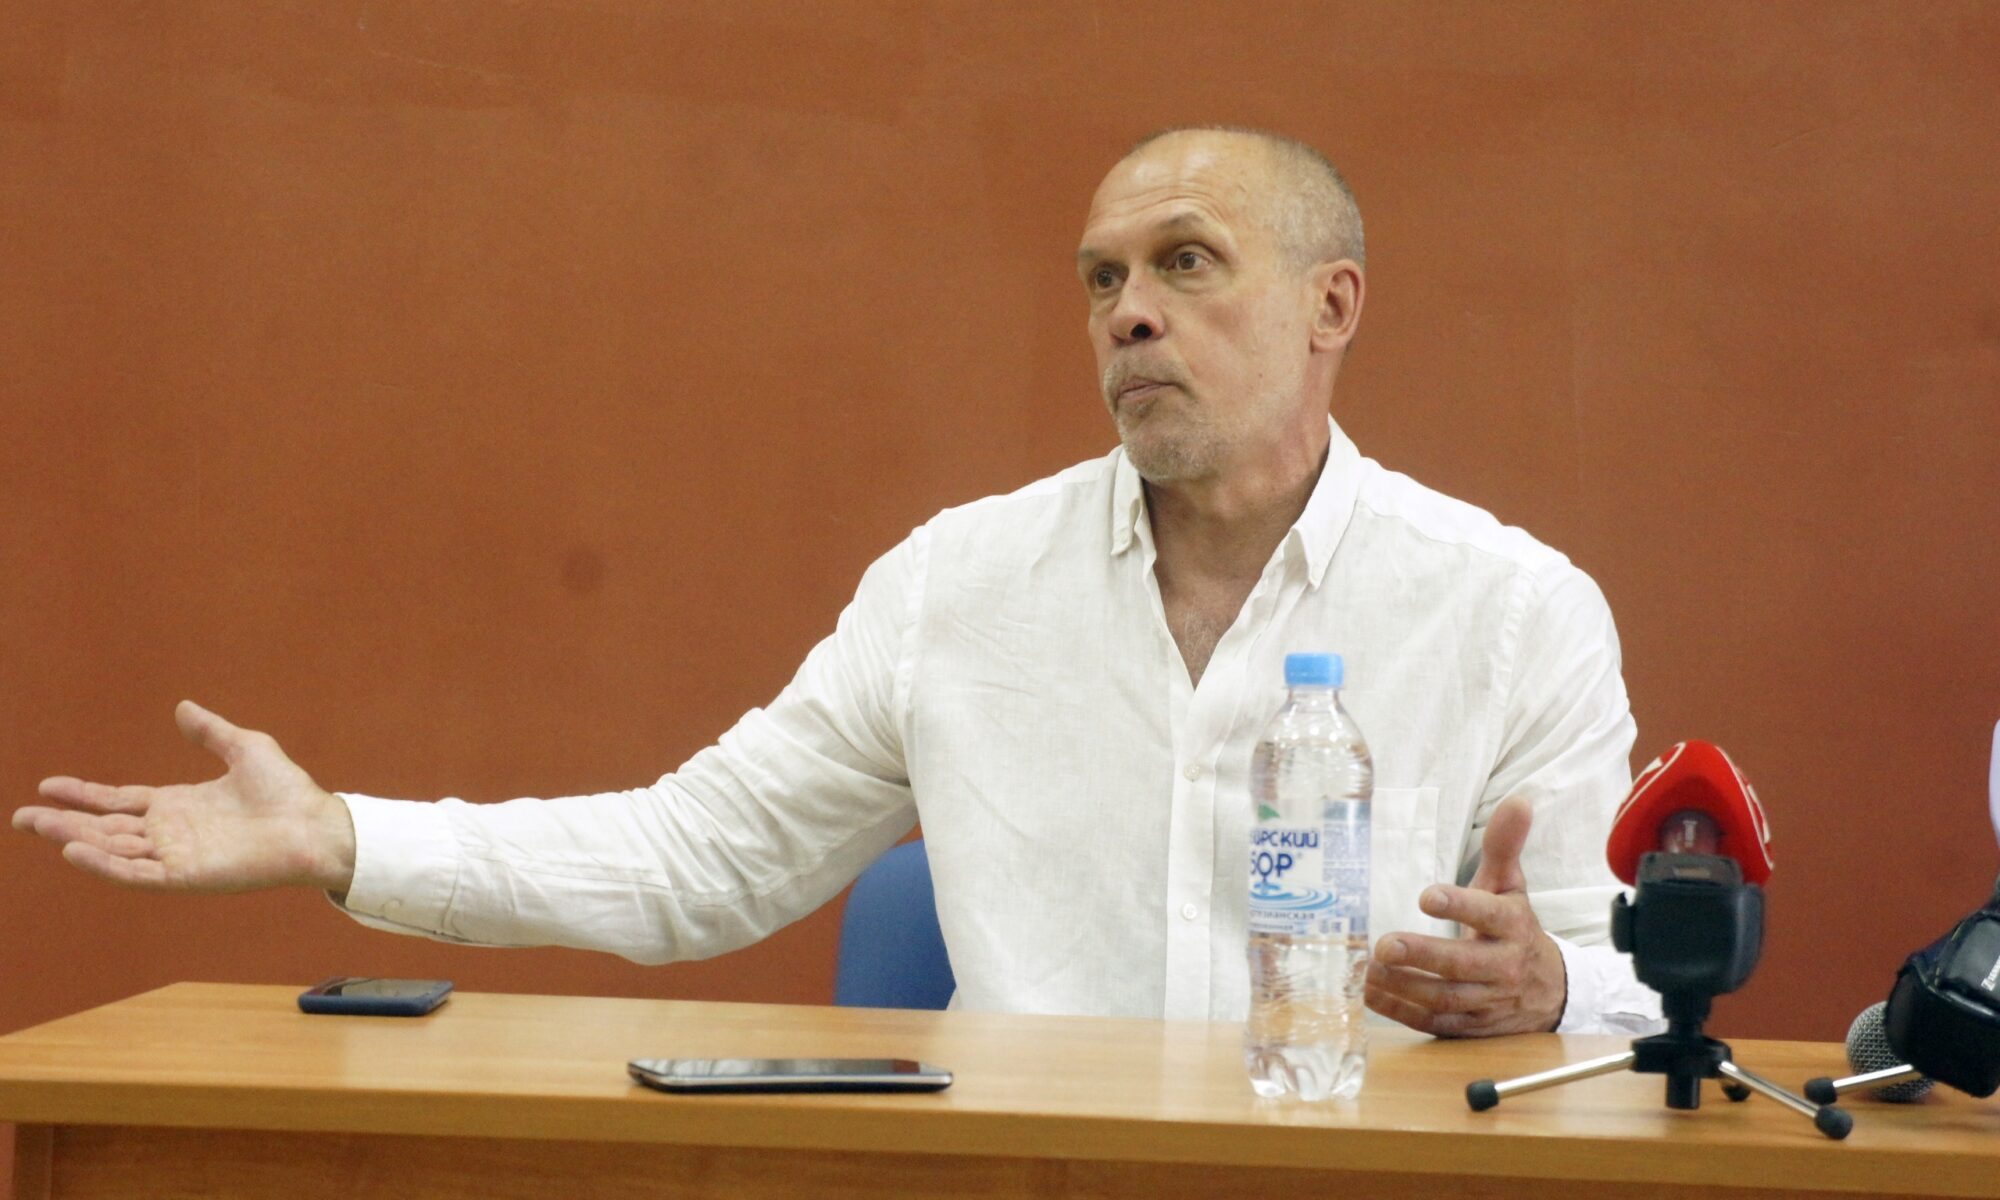 Новый генеральный директор ФК «Новосибирск», олимпийский чемпион по легкой атлетике-1992 Андрей Перлов. Фото автора